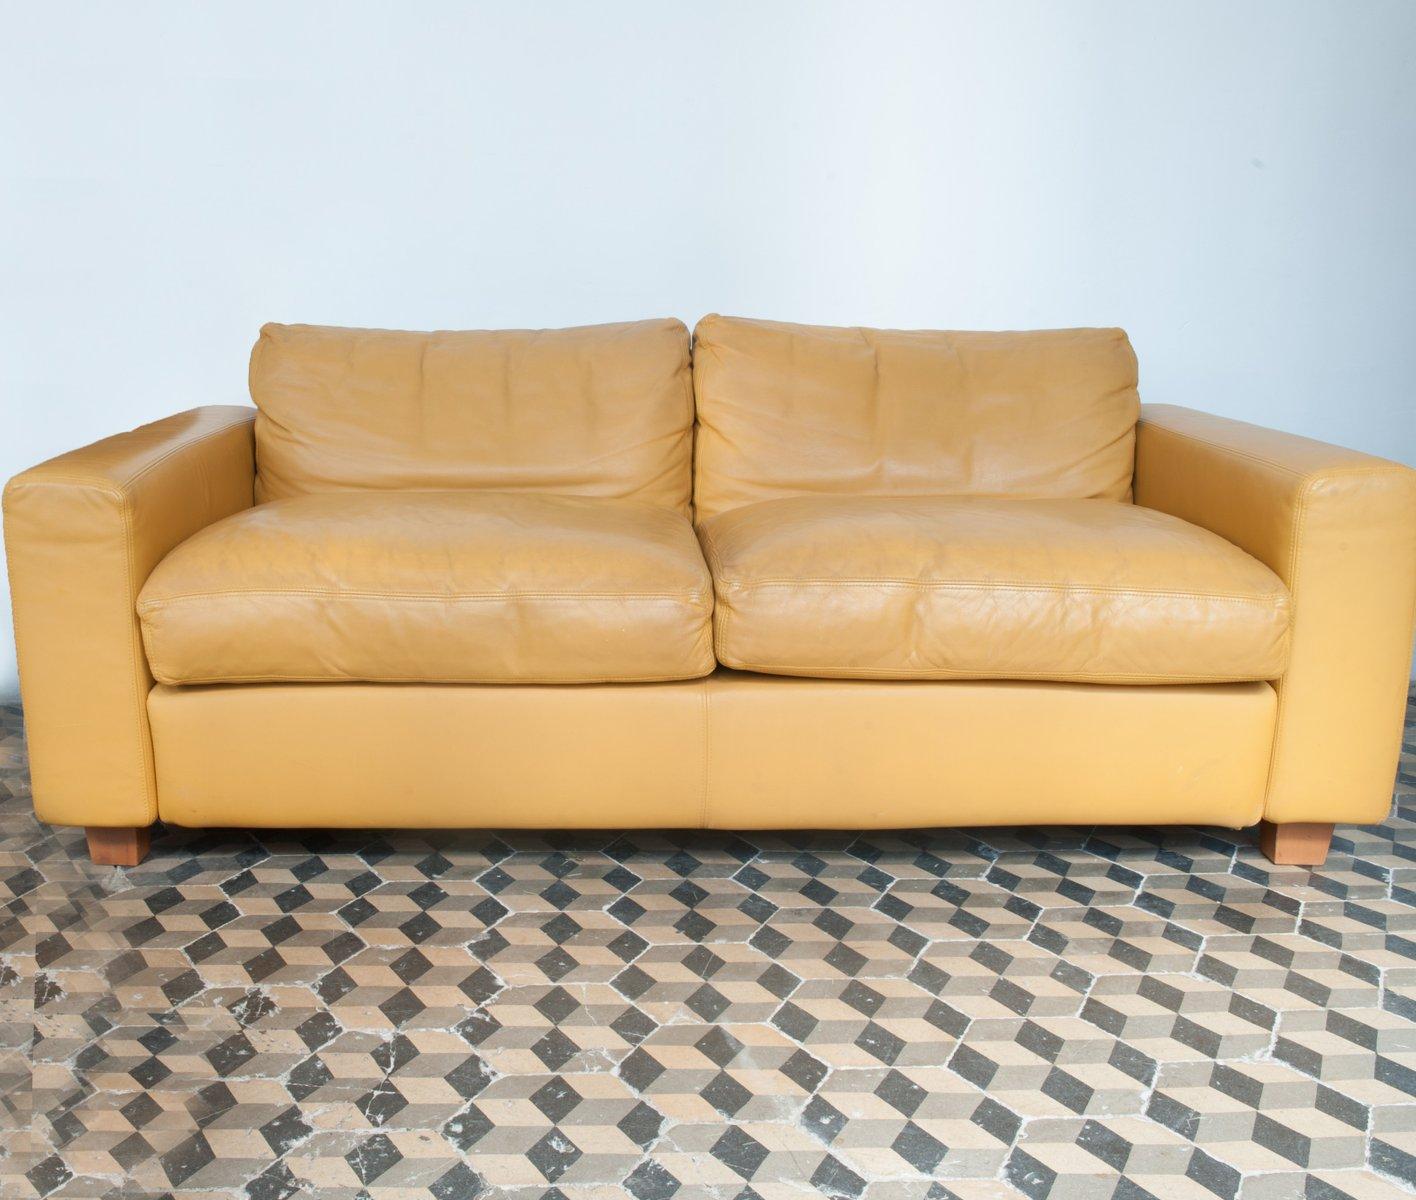 gelbes zwei sitzer leder sofa von jan de bouvrie f r gelderland 1980er bei pamono kaufen. Black Bedroom Furniture Sets. Home Design Ideas